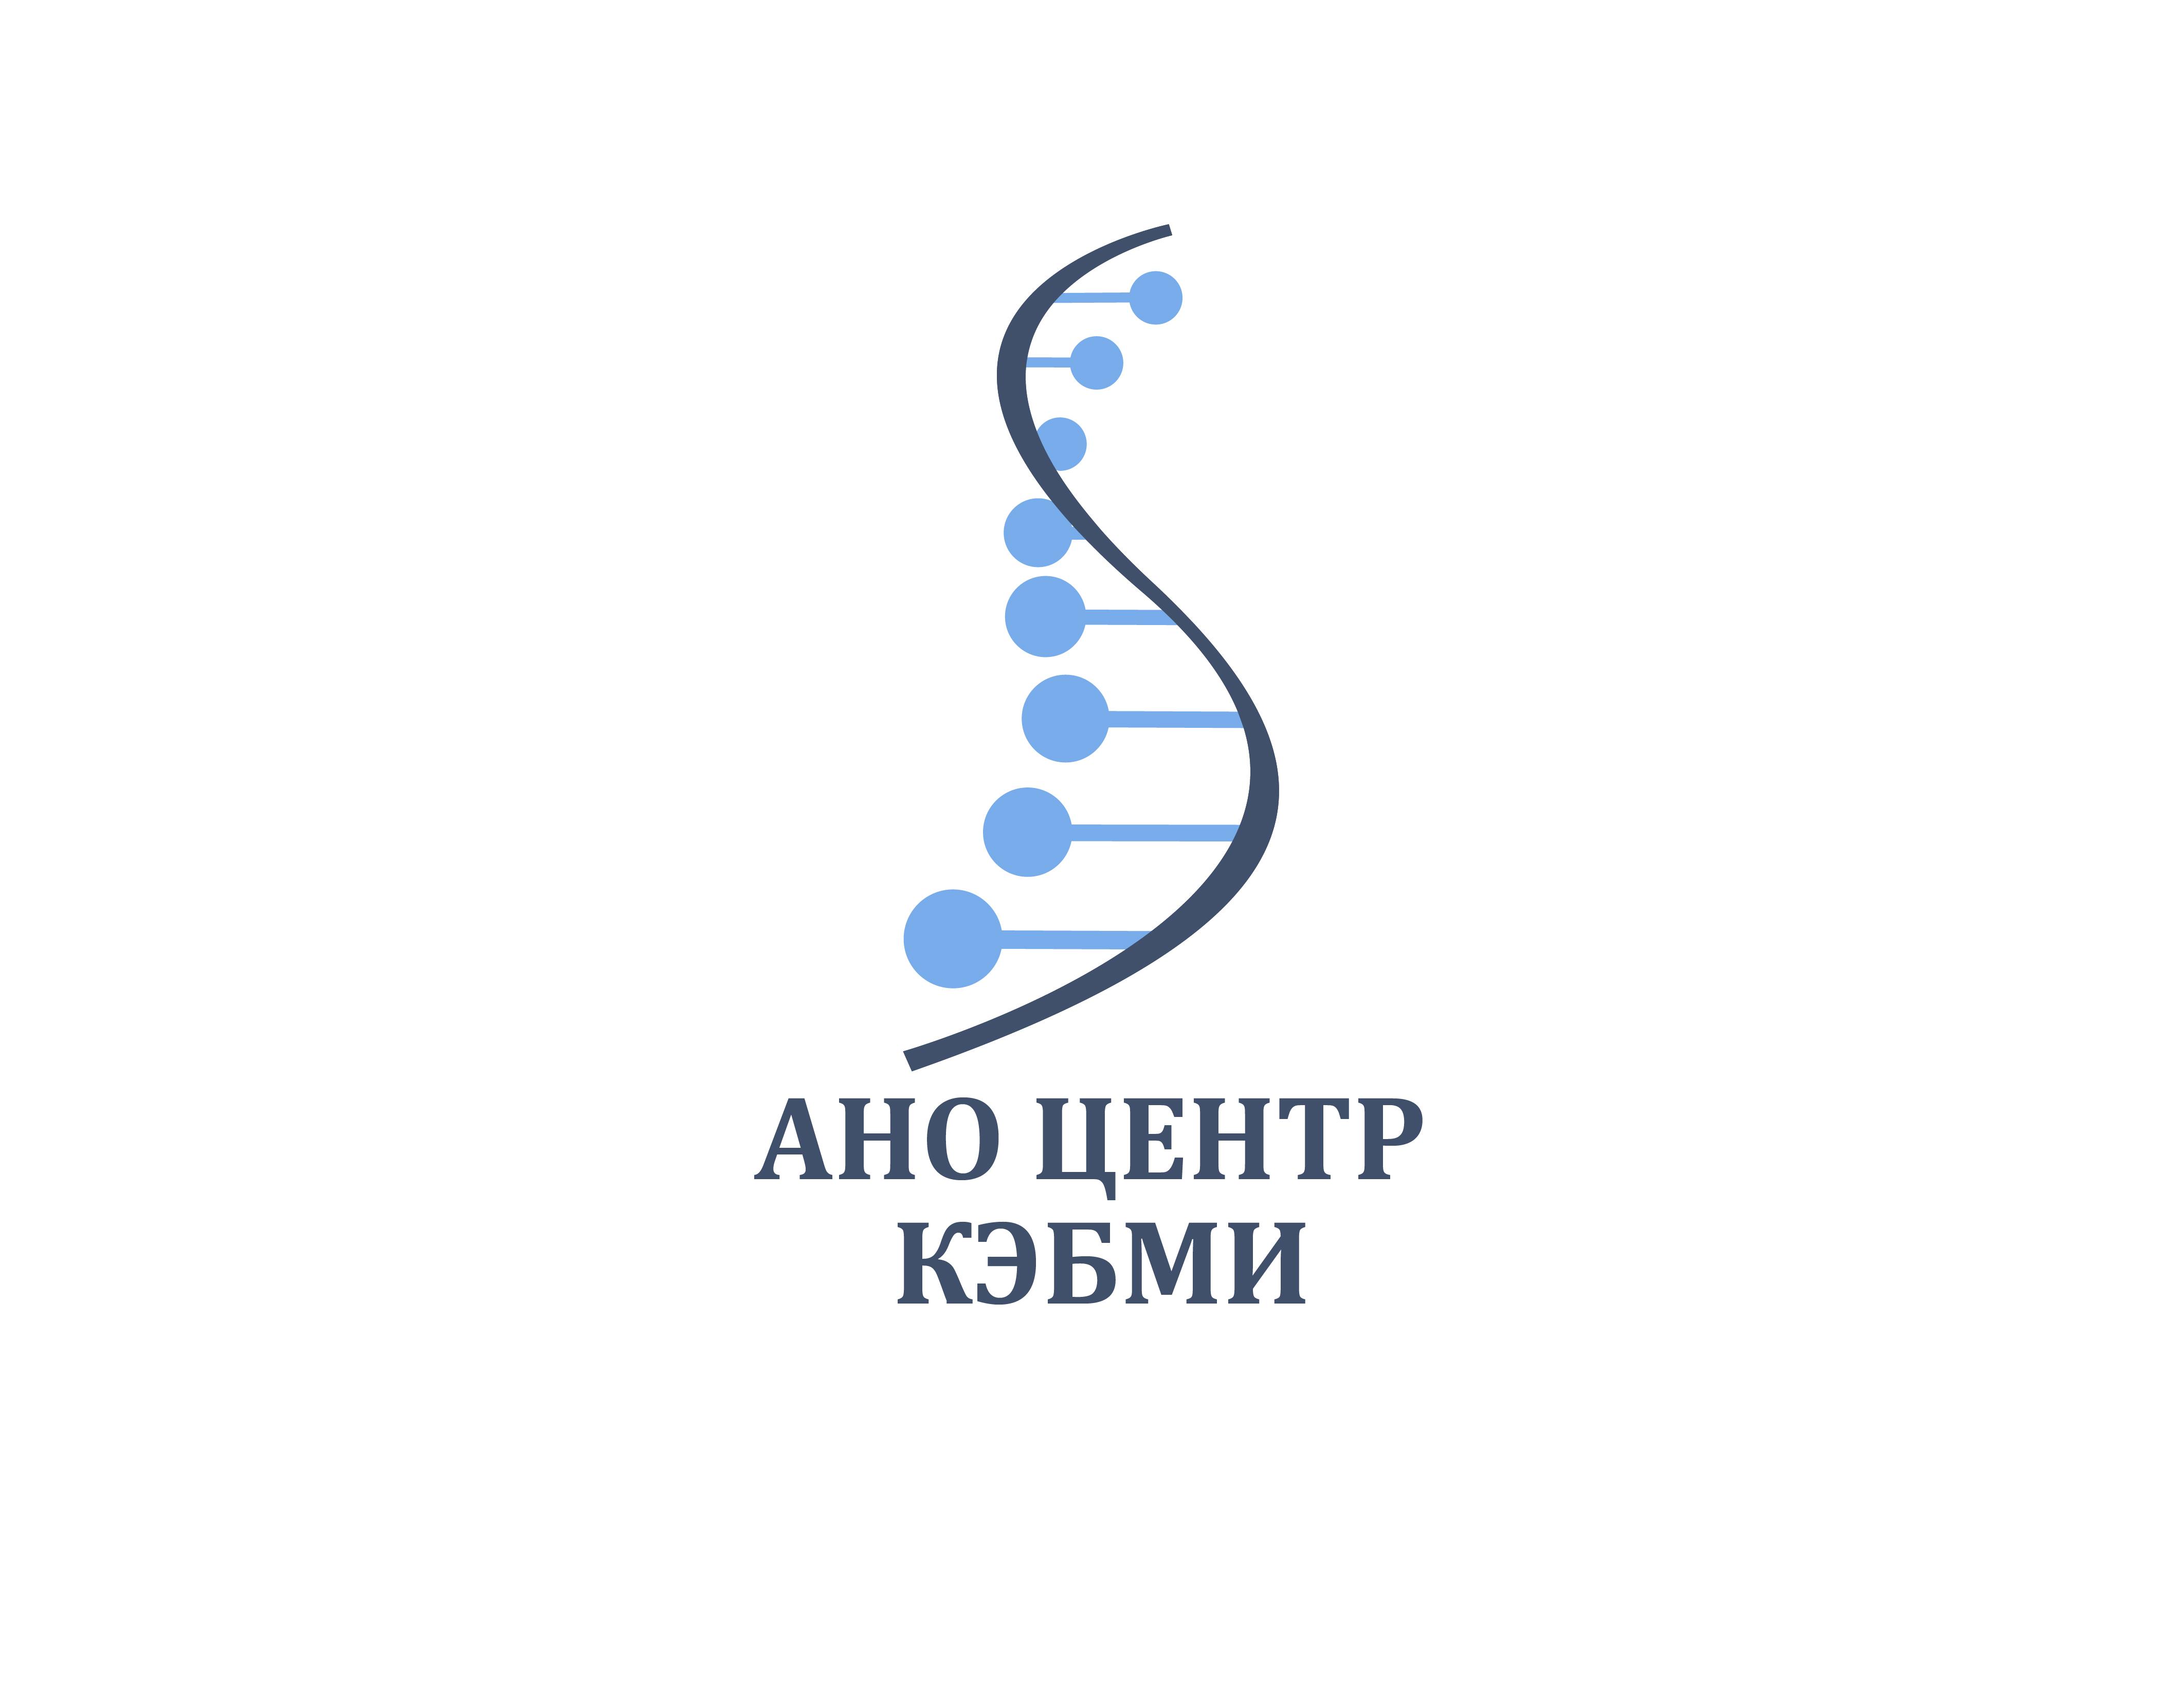 Редизайн логотипа АНО Центр КЭБМИ - BREVIS фото f_2485b1d5316c1a18.jpg